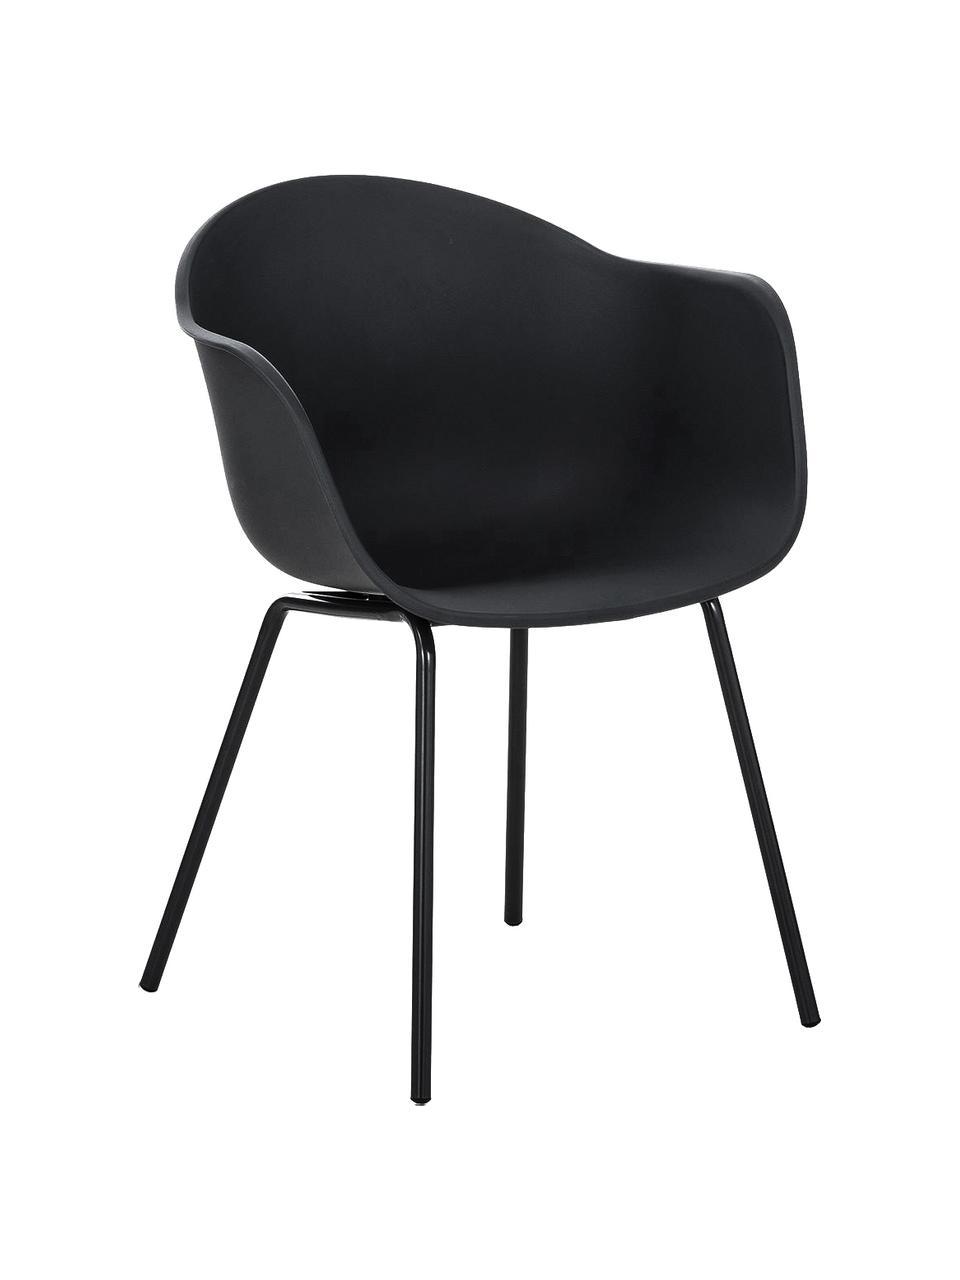 Krzesło z podłokietnikami z tworzywa sztucznego Claire, Nogi: metal malowany proszkowo, Czarny, S 60 x G 54 cm